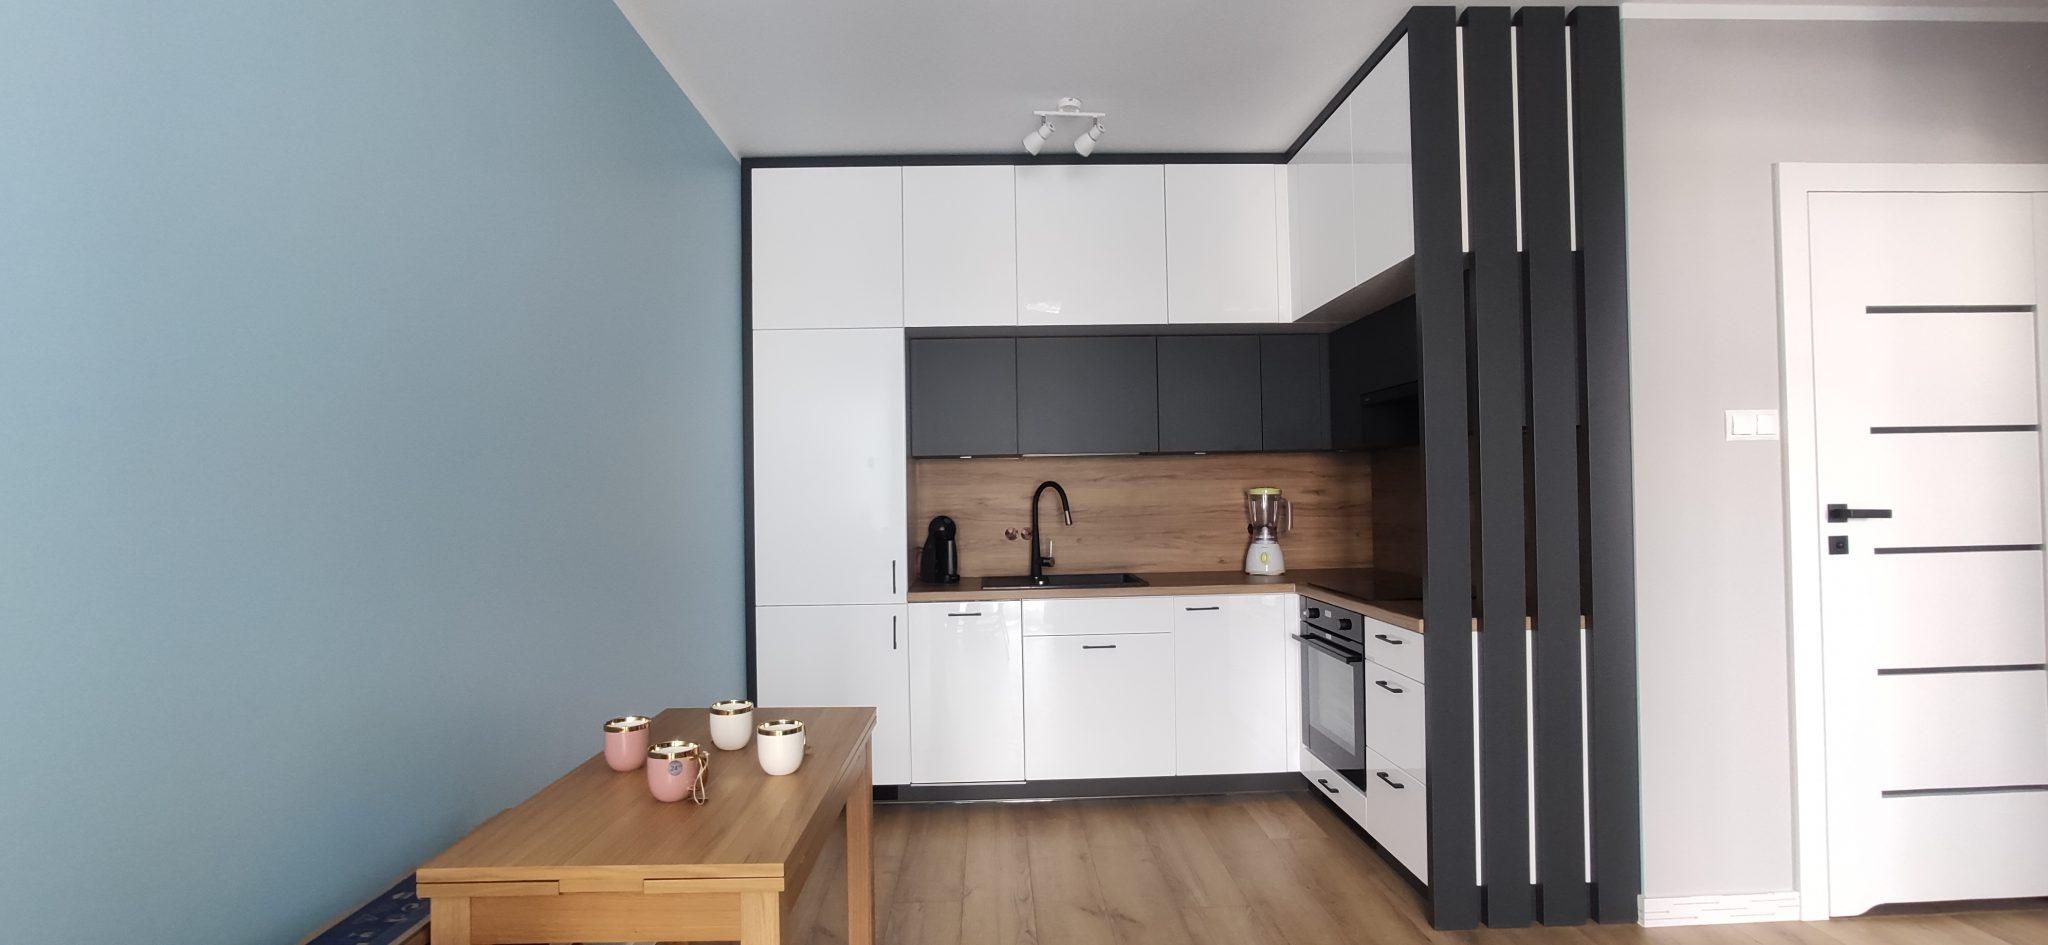 Sekwoja Dębica - Biała kuchnia w apartamencie z loftowym dodatkiem antaracytu i drewna